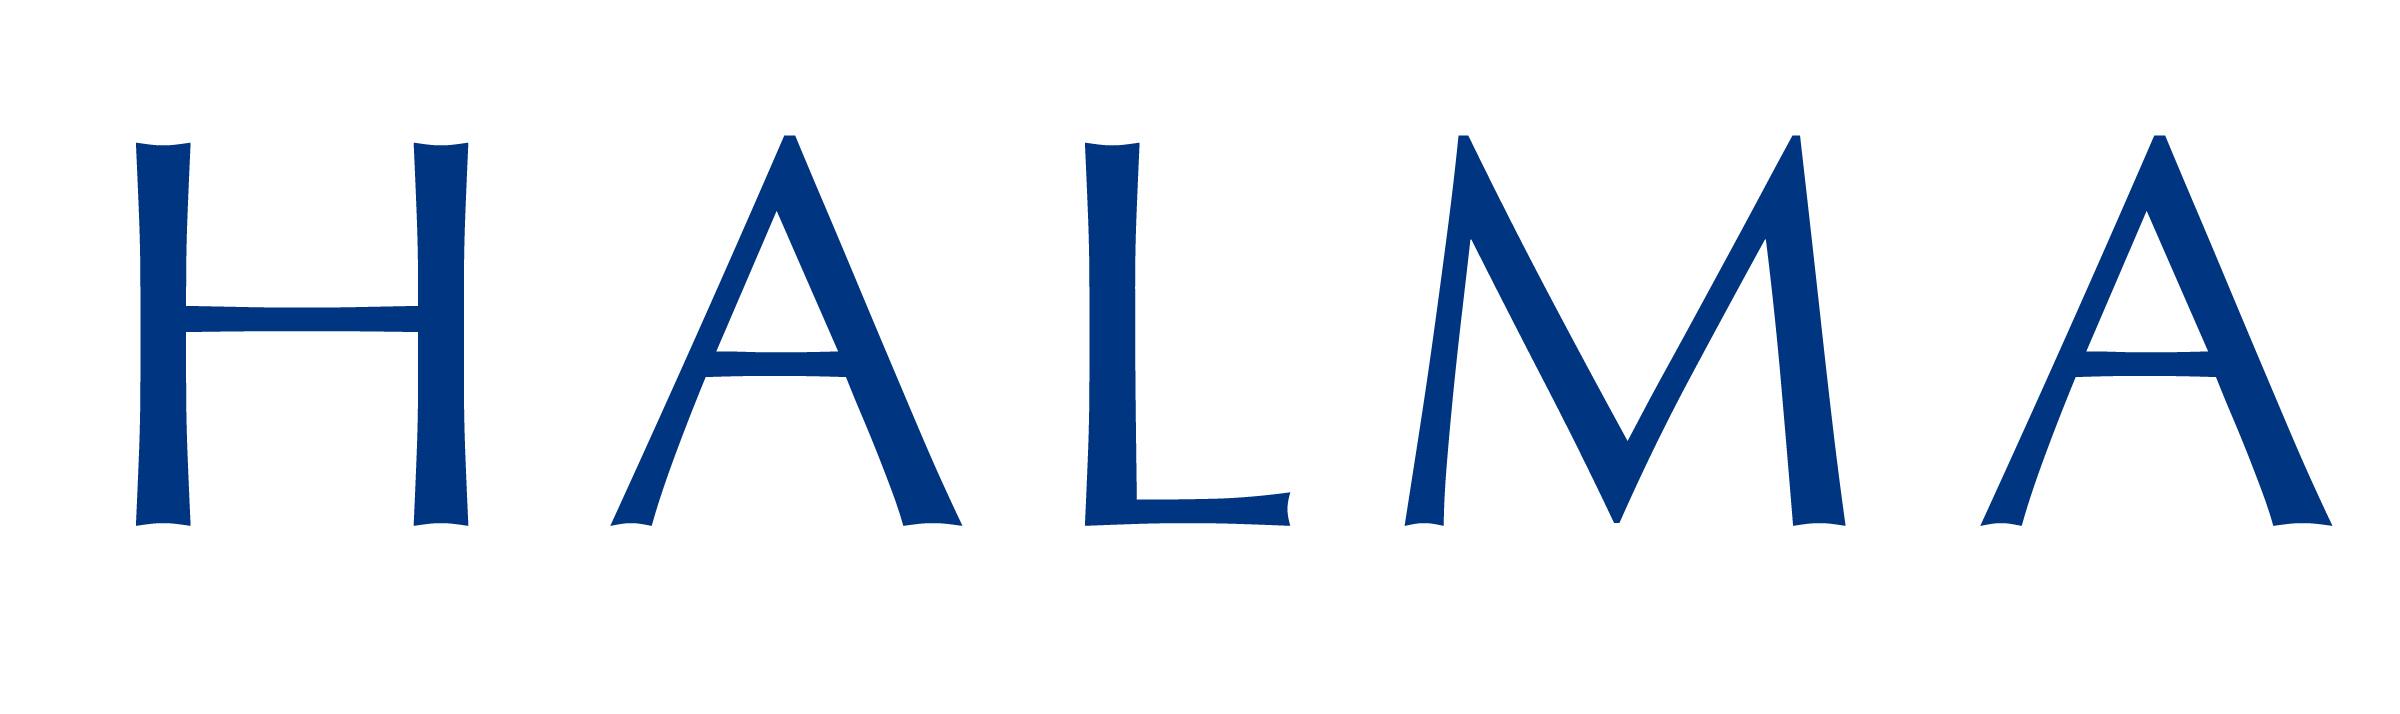 EuralarmHalmaLogo